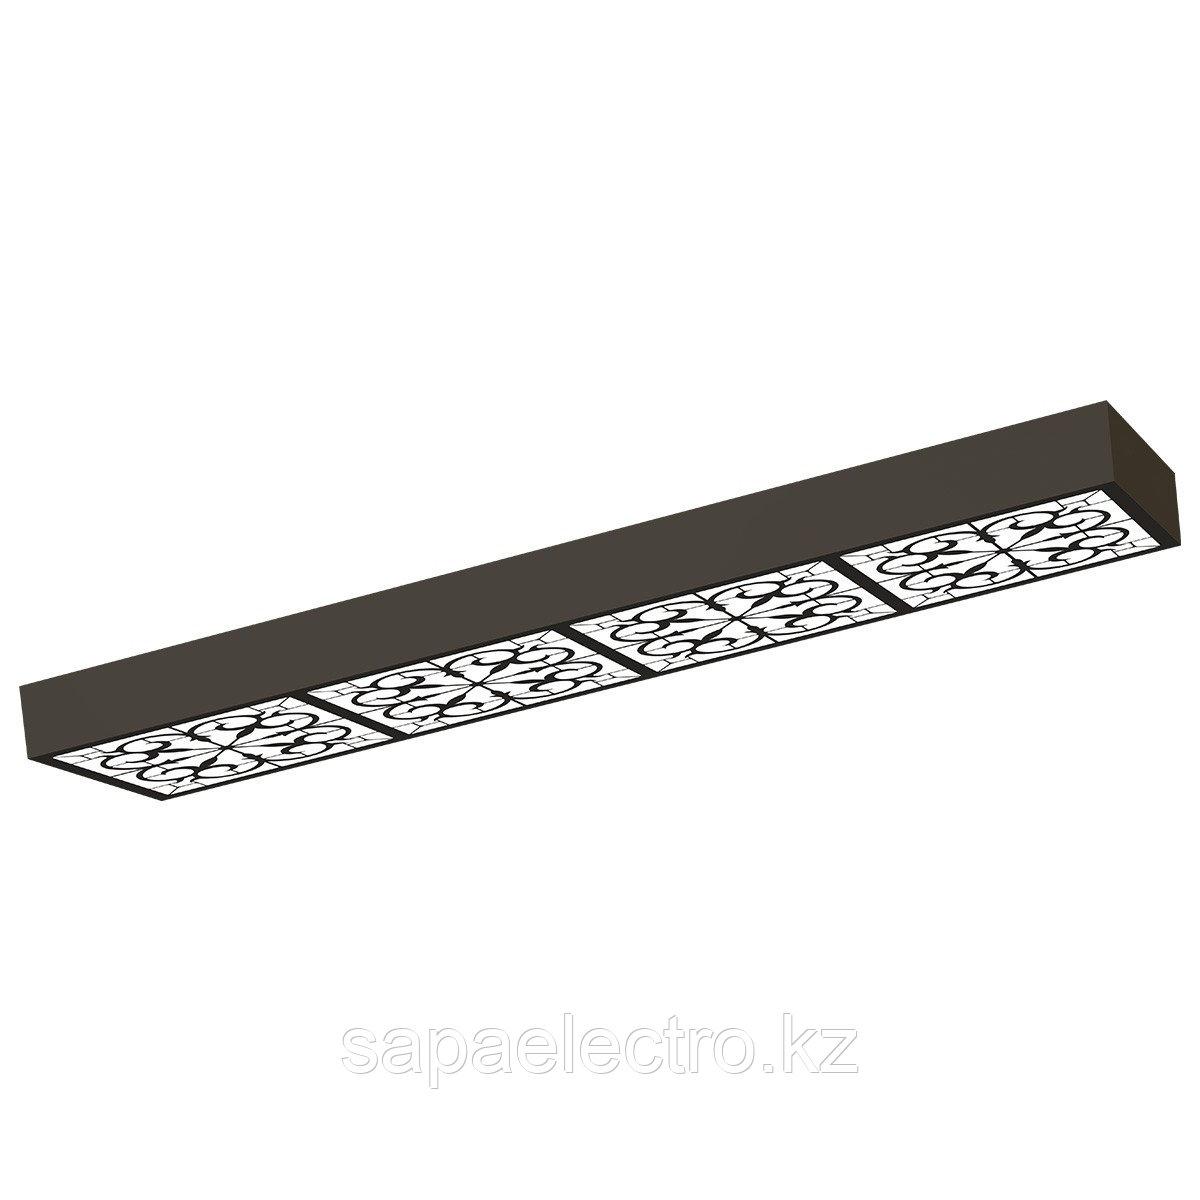 Св-к  OPALLED ORNAMENT 48W BLACK S/U  1200x300 4500